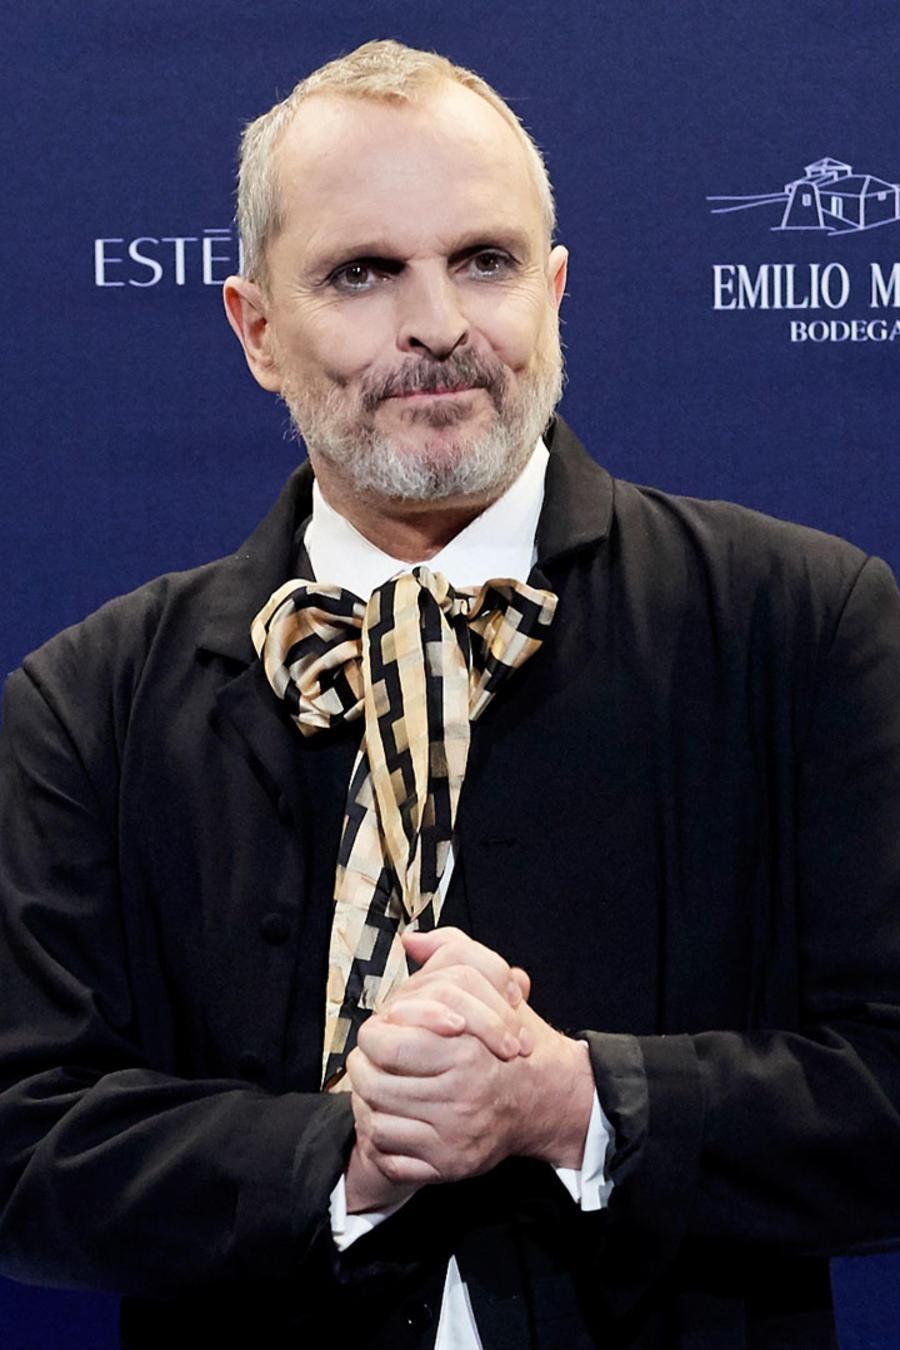 Miguel Bosé en la Real Academia de Bellas Artes de San Fernando en Madrid